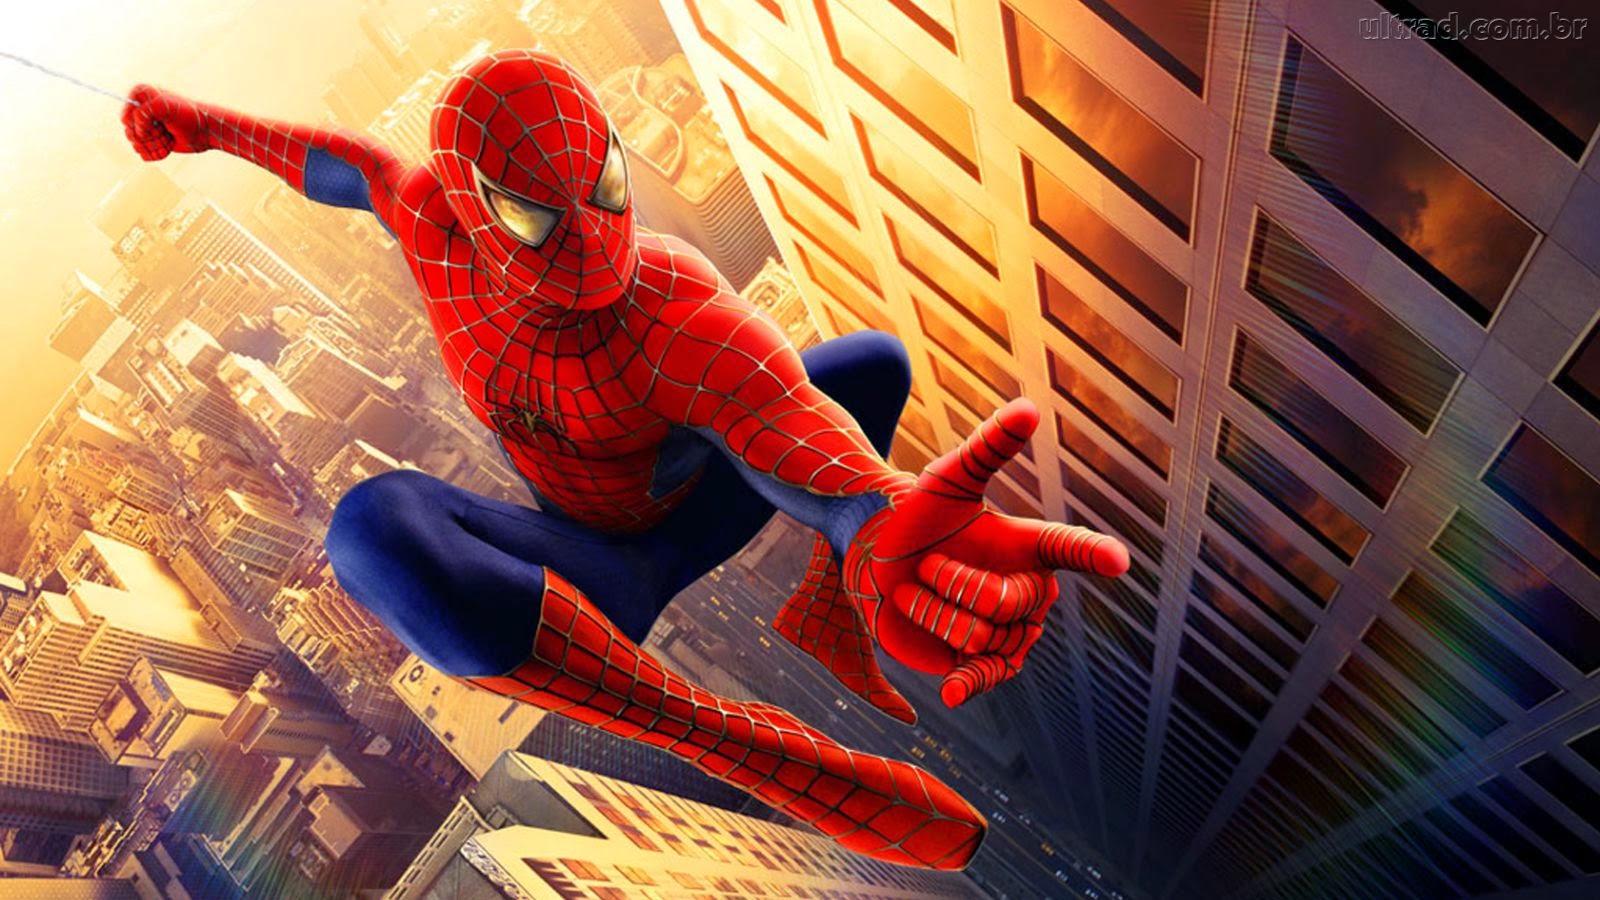 Homem Aranha Spider